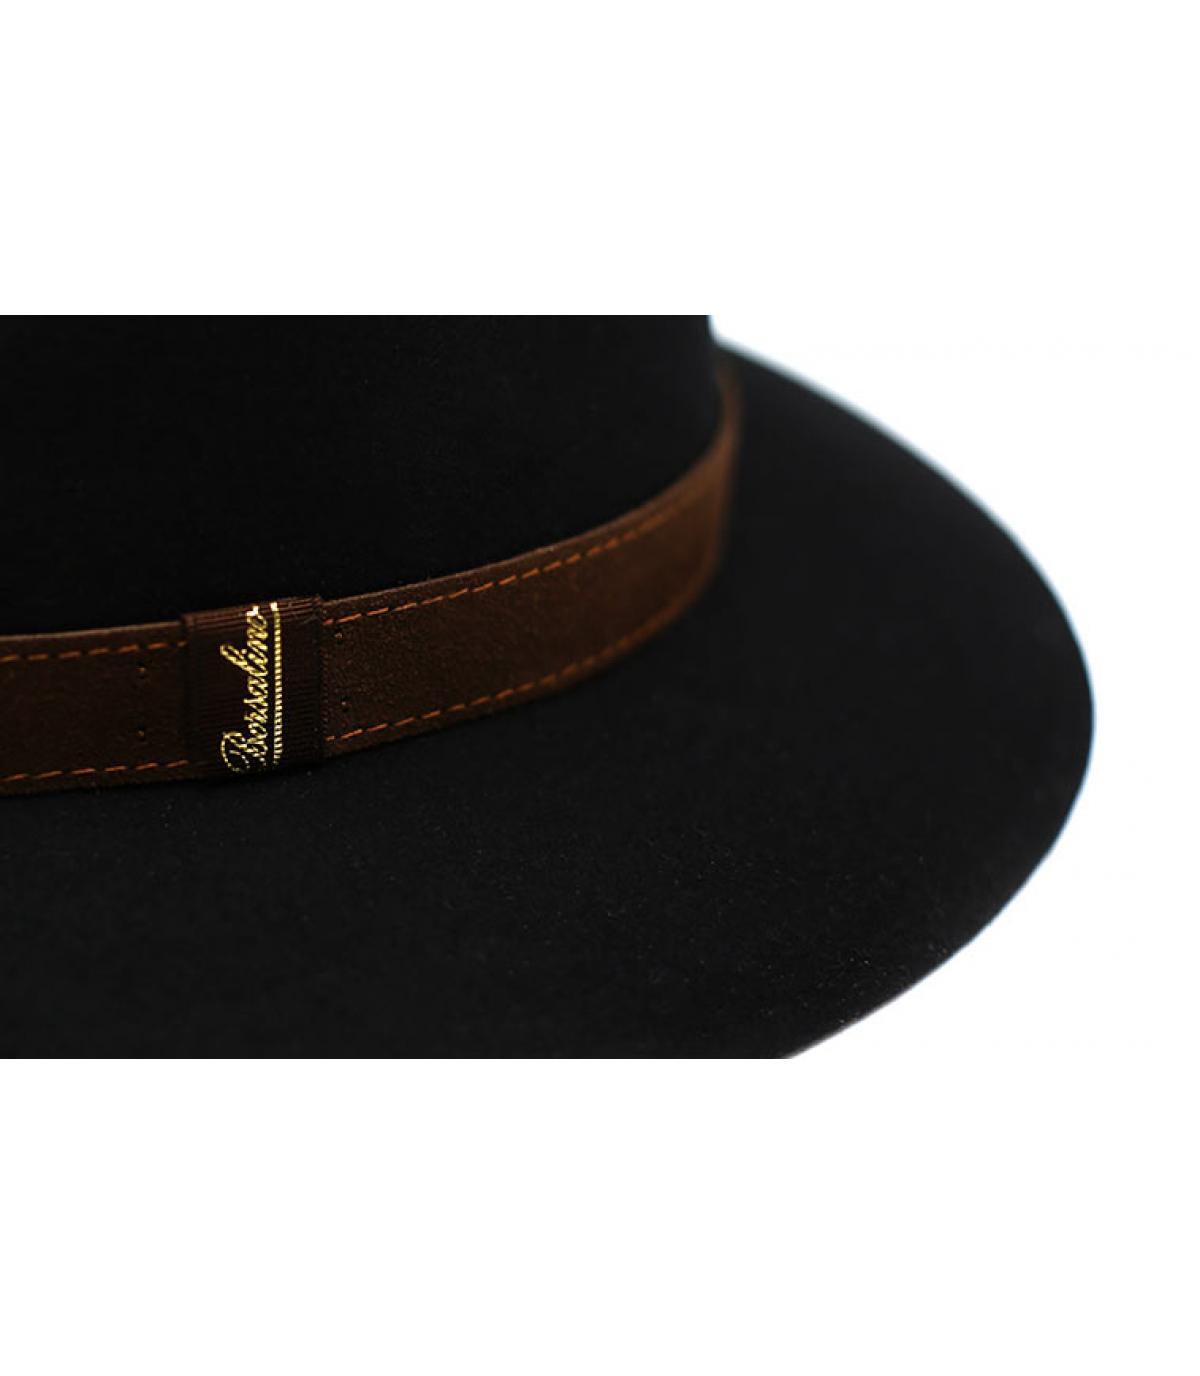 Details Alessandria black Fur Flet Hat - afbeeling 4